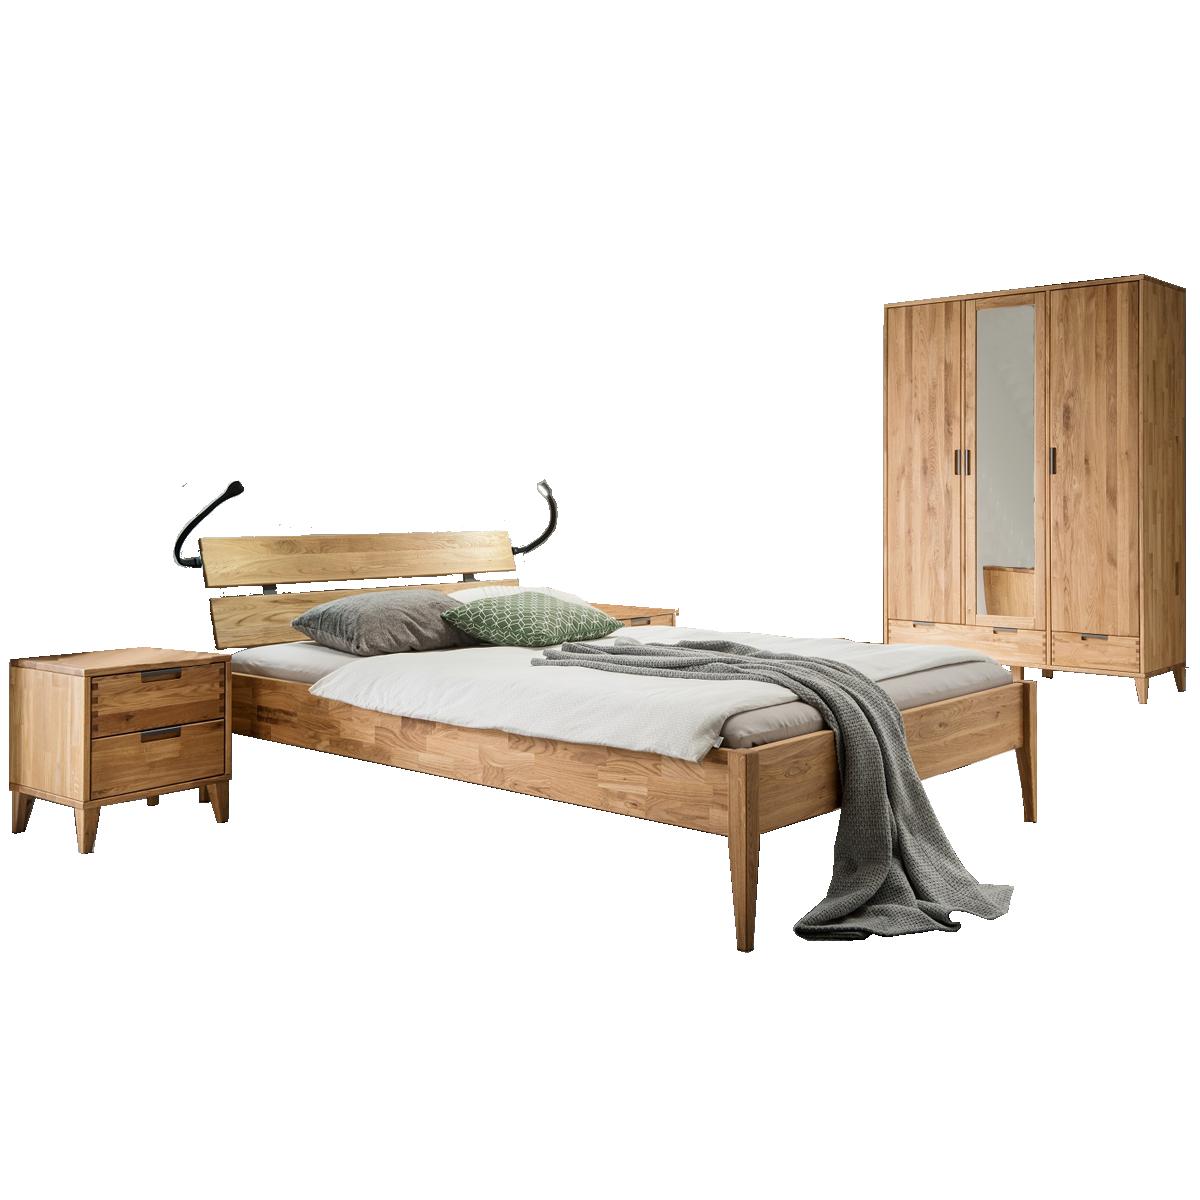 Skalik Meble Mido Schlafzimmer Bett mit Kopfteil 2 Nachtkommoden und ...